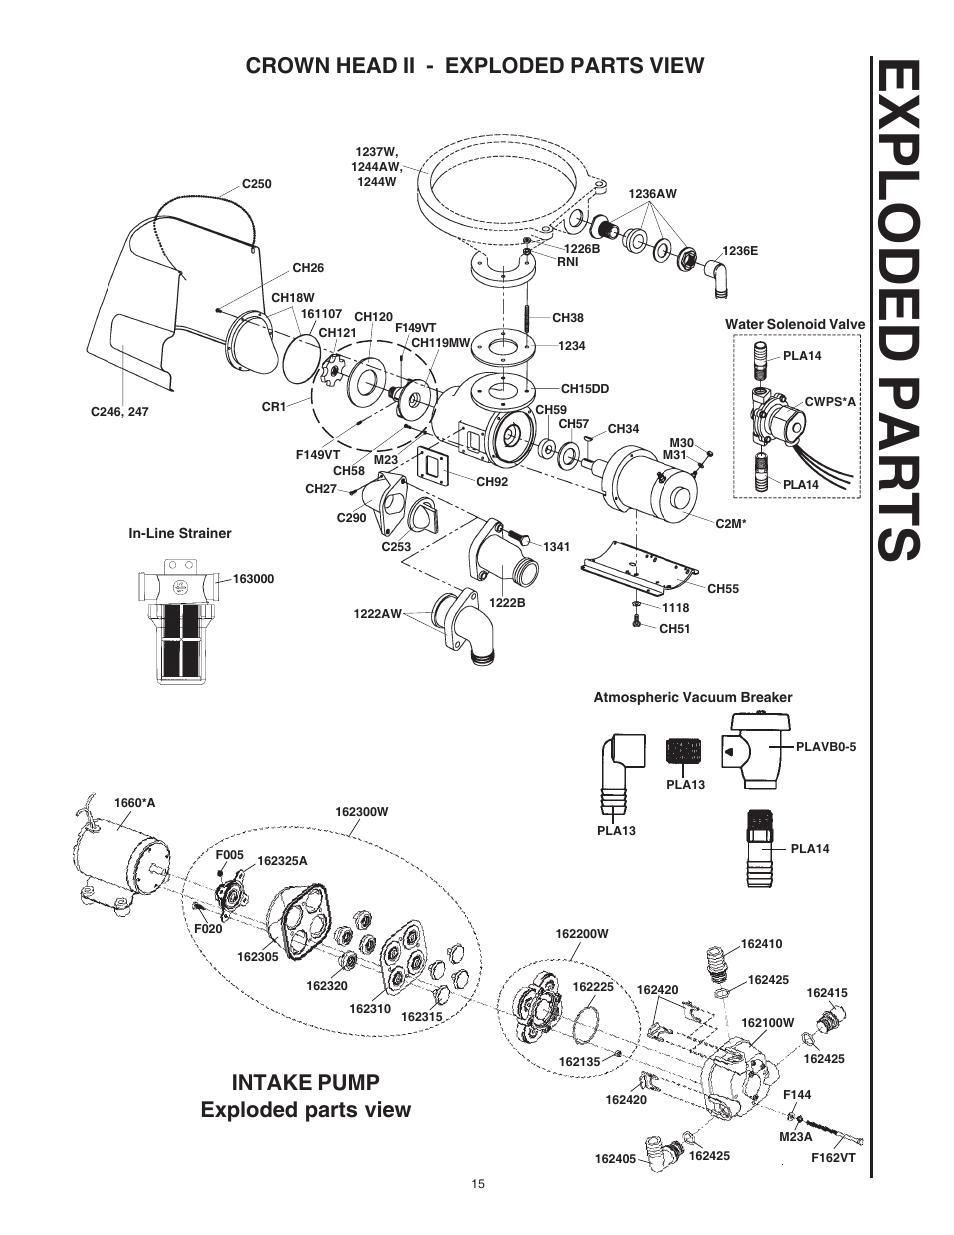 raritan crown head parts diagram